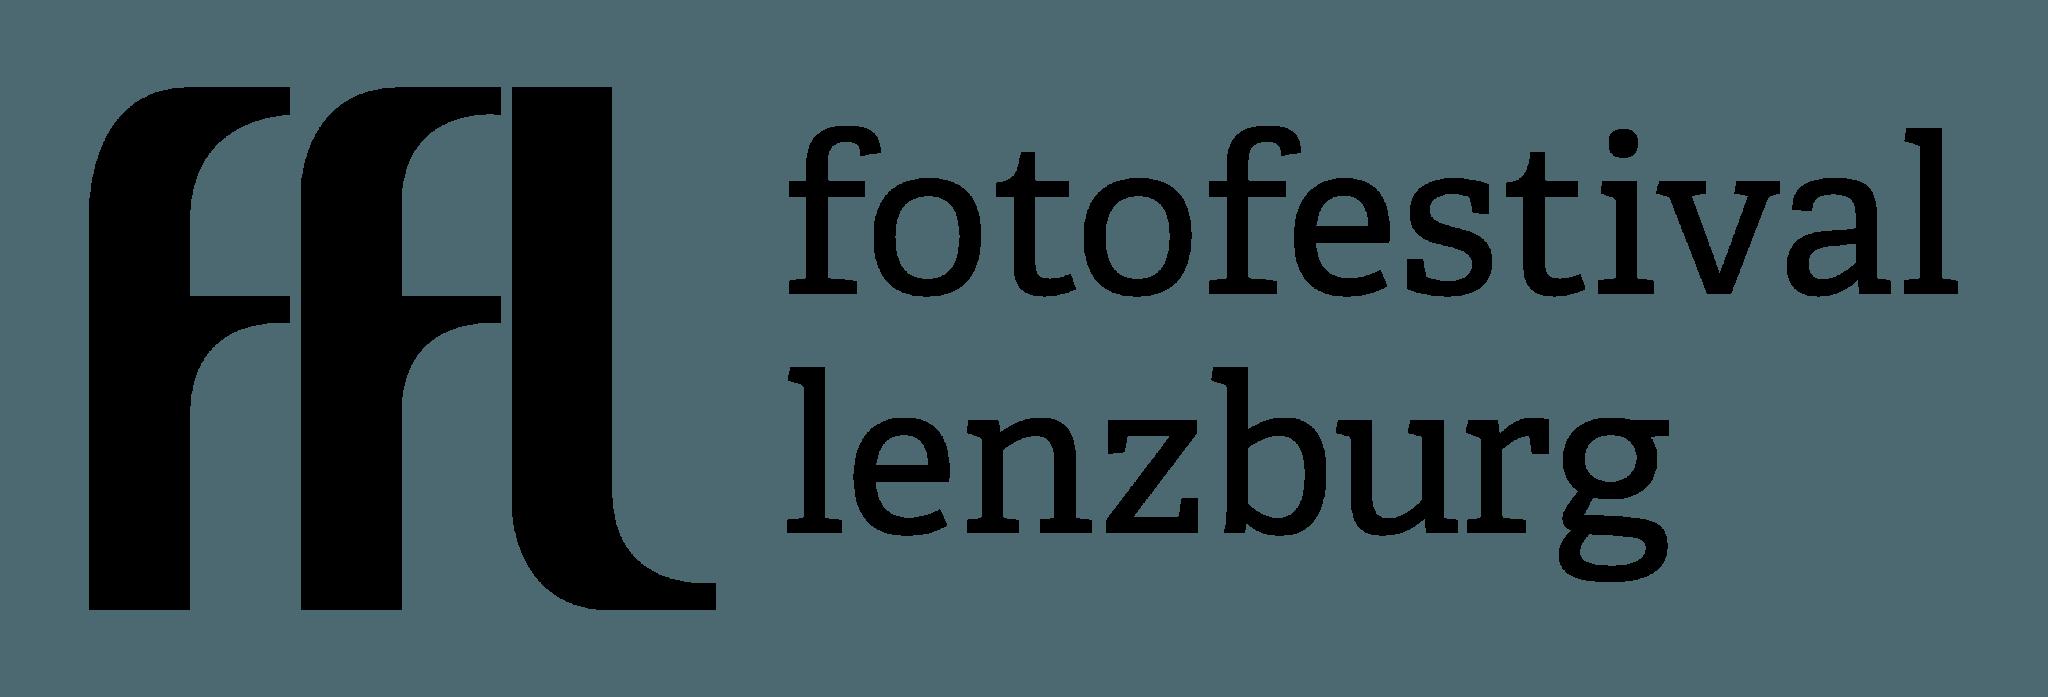 ffl_2020_black_text